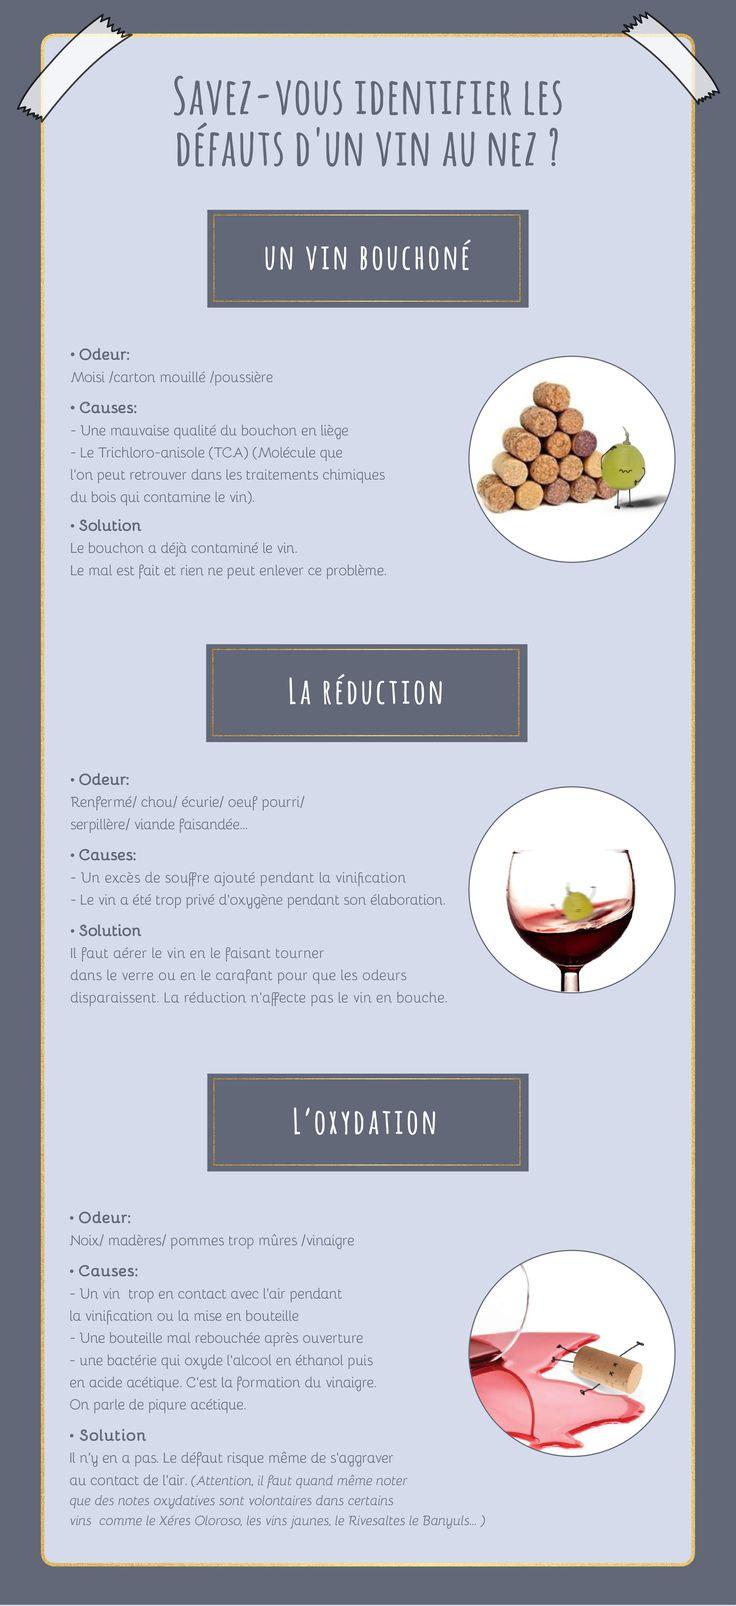 Savez-vous identifier les défauts d'un vin au nez ?